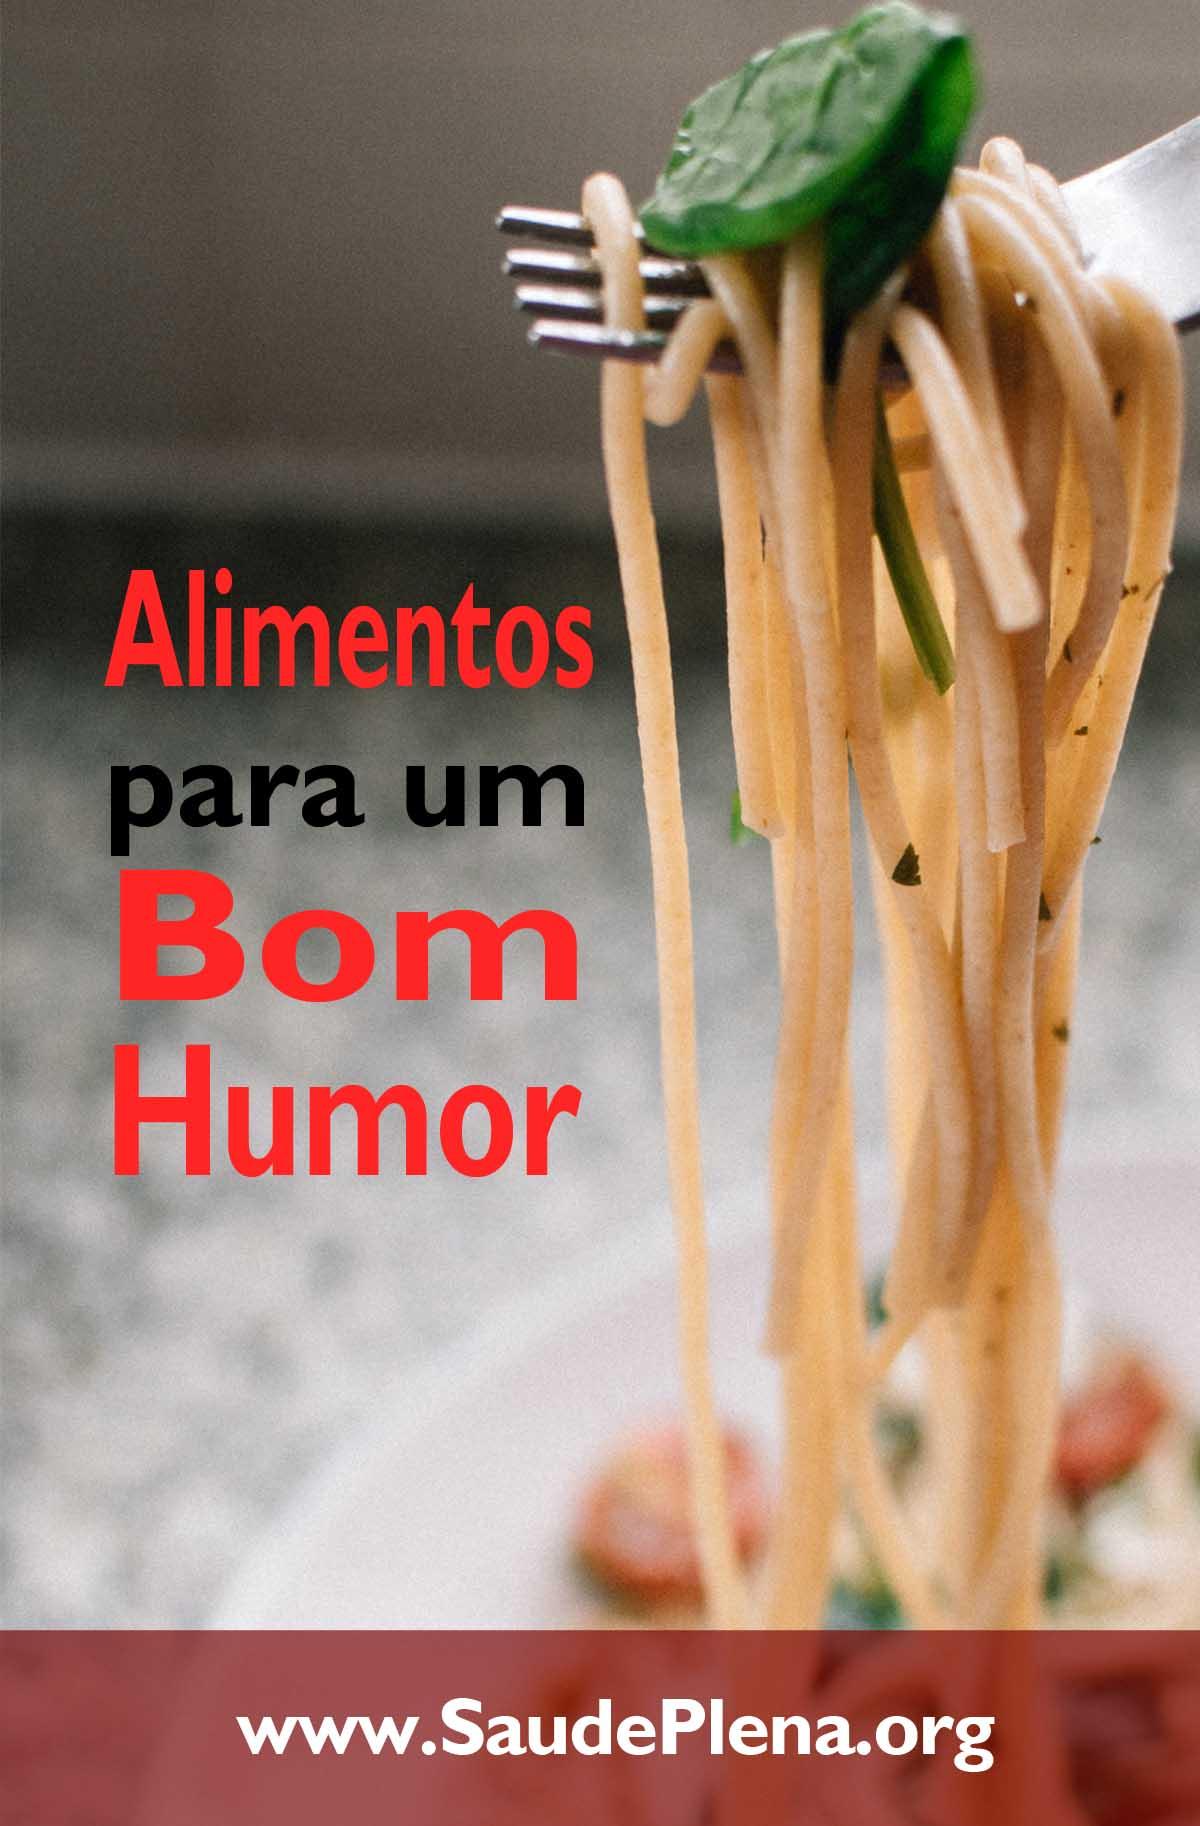 Alimentos para um Bom Humor